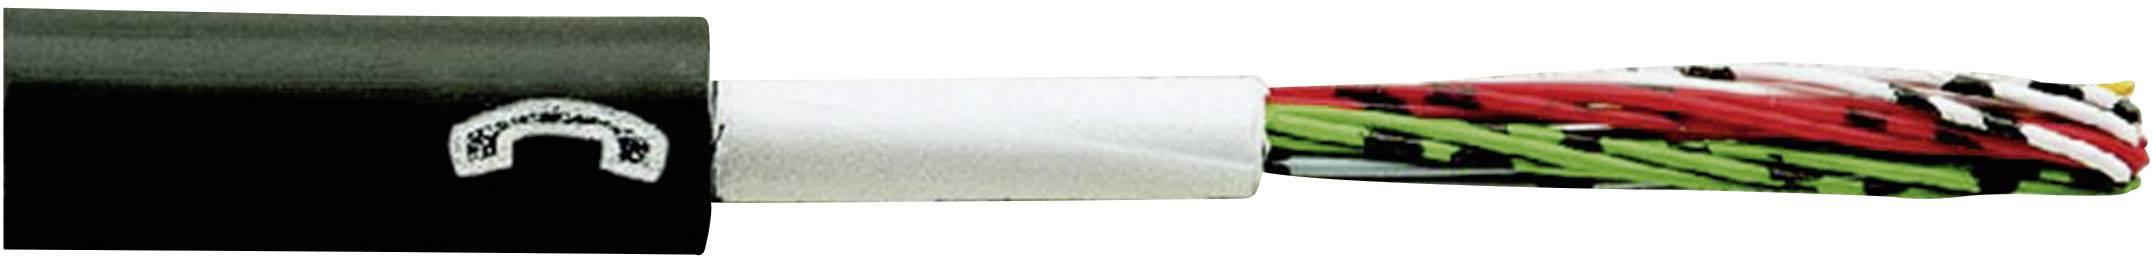 Telefonní kabel Faber Kabel A-2Y(L)2Y (110030), 10 x 2 x 0,8 mm, černá, 1 m